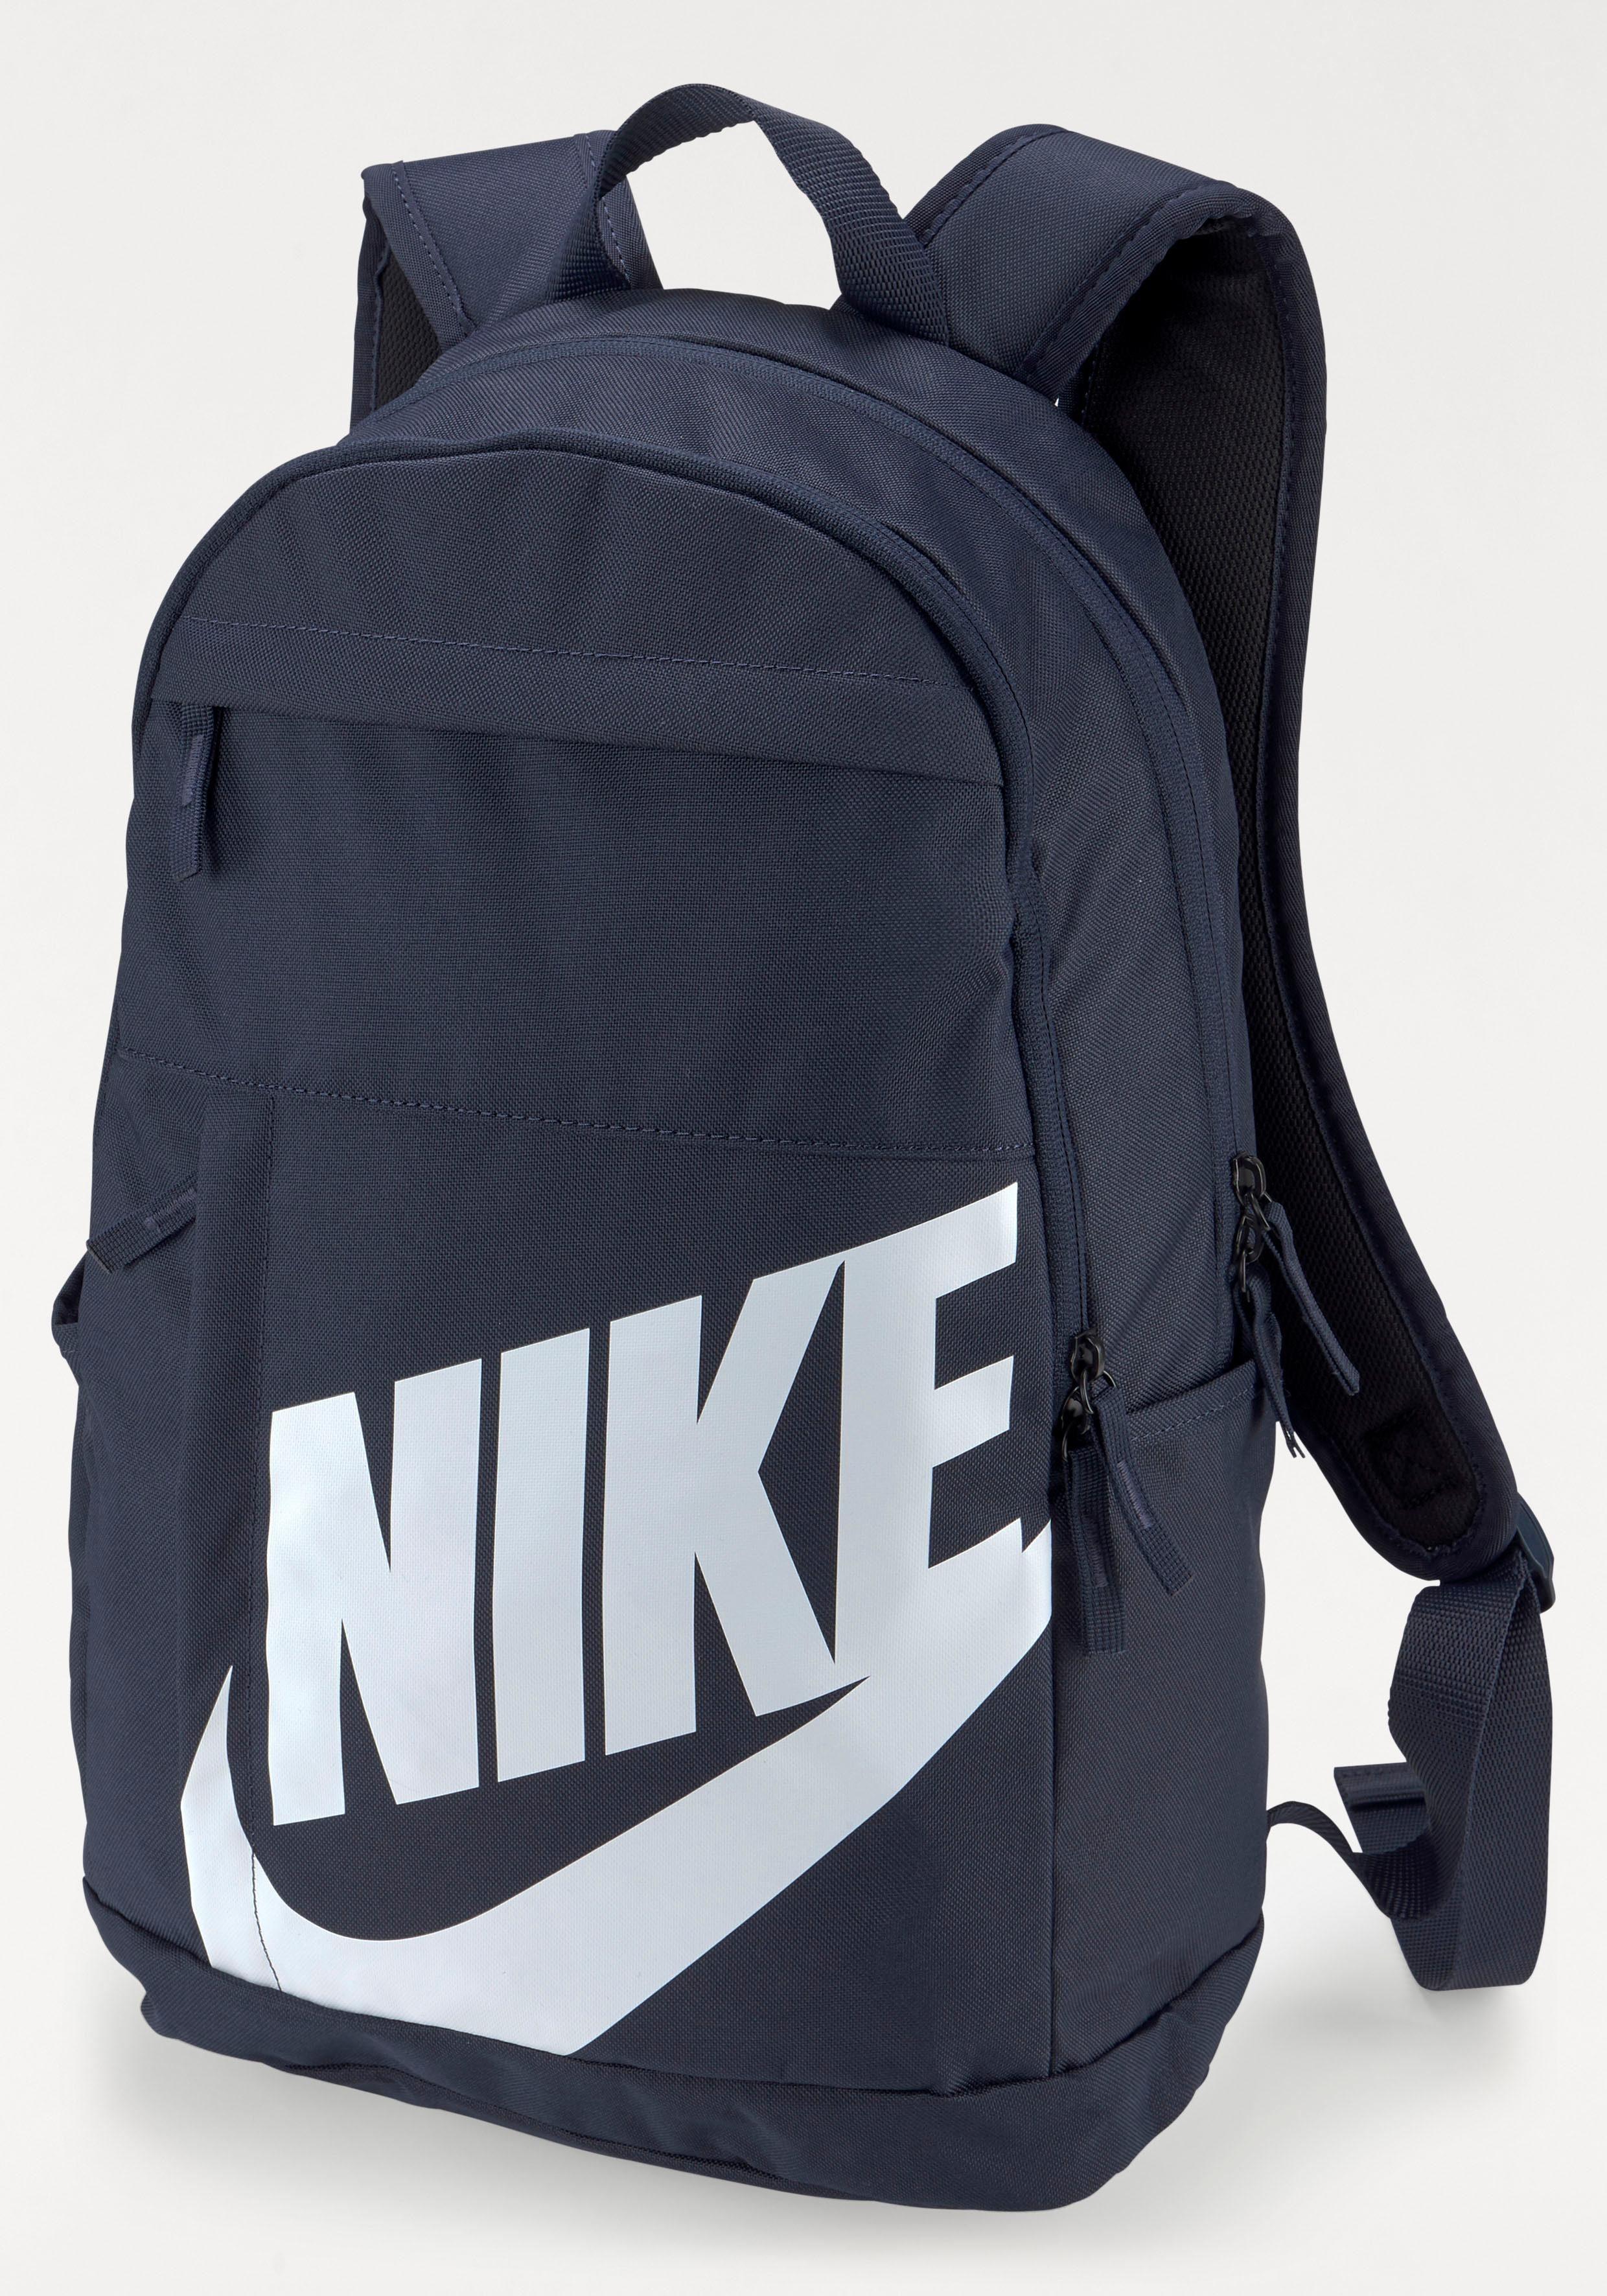 Nike Sportswear Sportrucksack »NK ELMNTL BKPK 2.0« online kaufen | OTTO